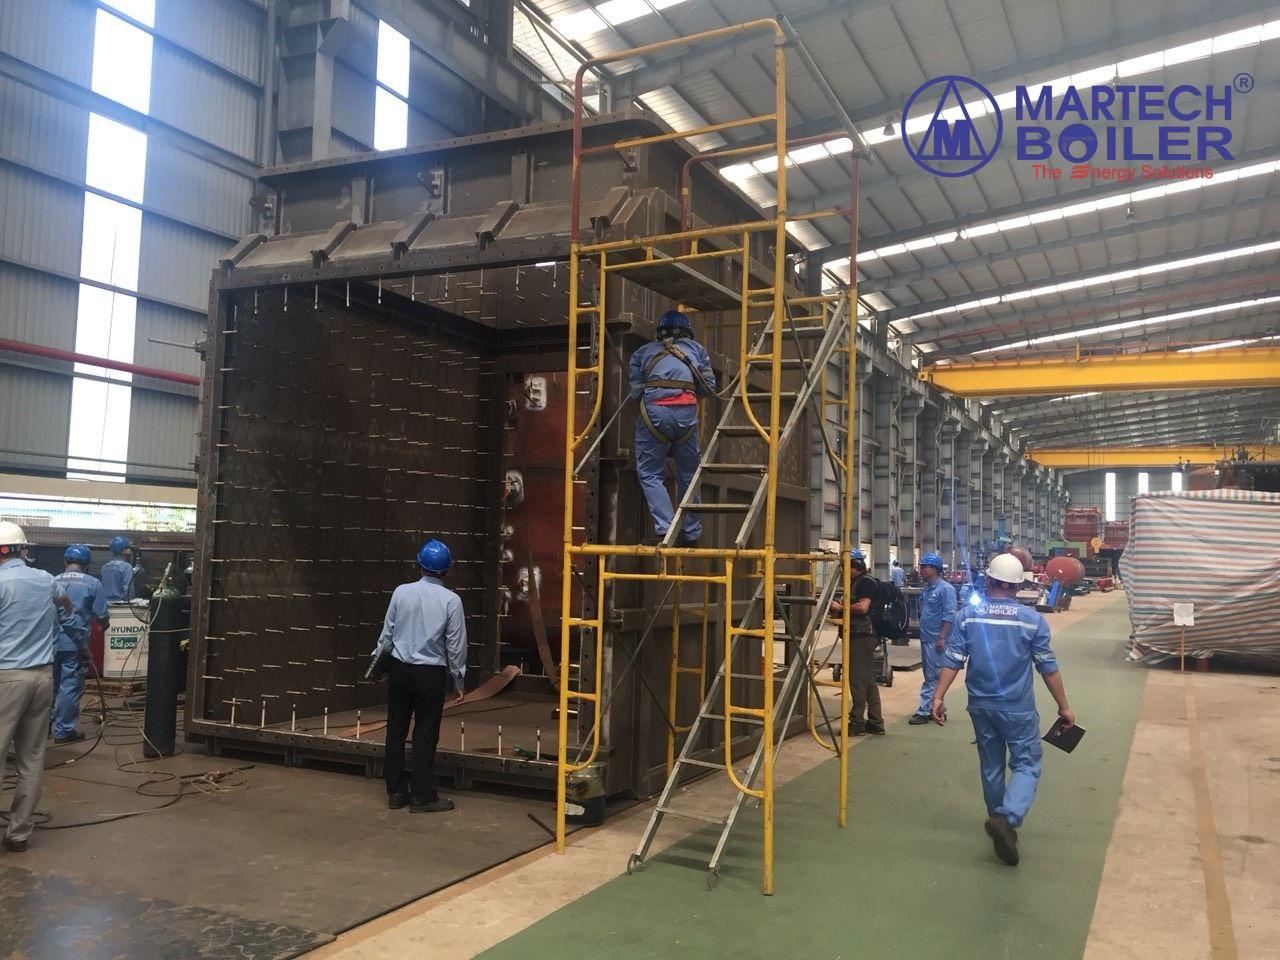 Thi công chế tạo hệ thống Bypass tại nhà máy Martech